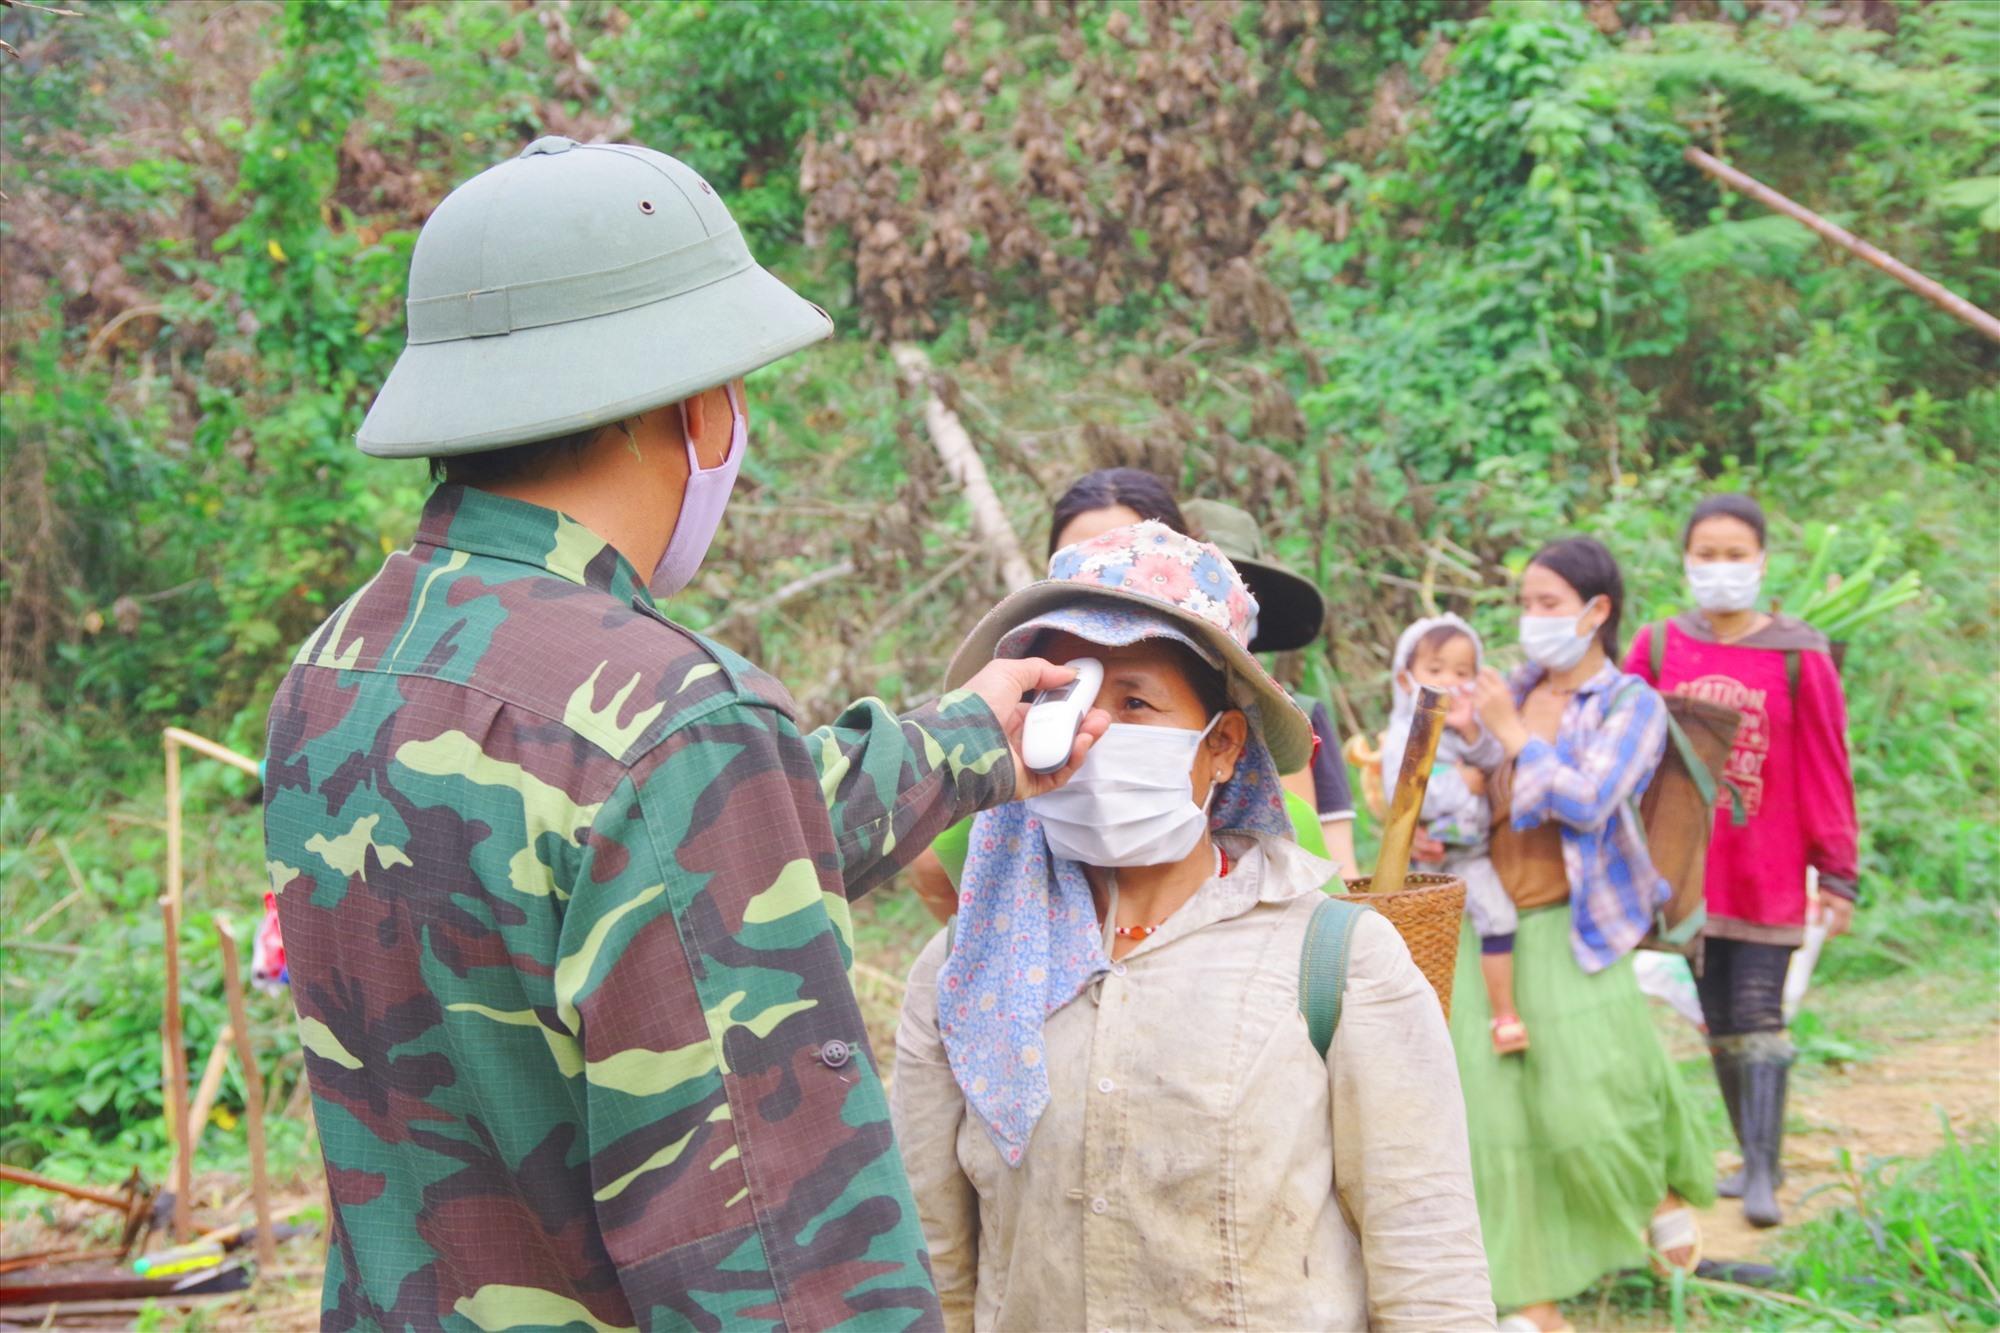 Kiểm soát người dân qua lại khu vực biên giới tại điểm chốt của Đồn Biên phòng Ga Ry (Tây Giang). Ảnh: HỒNG ANH